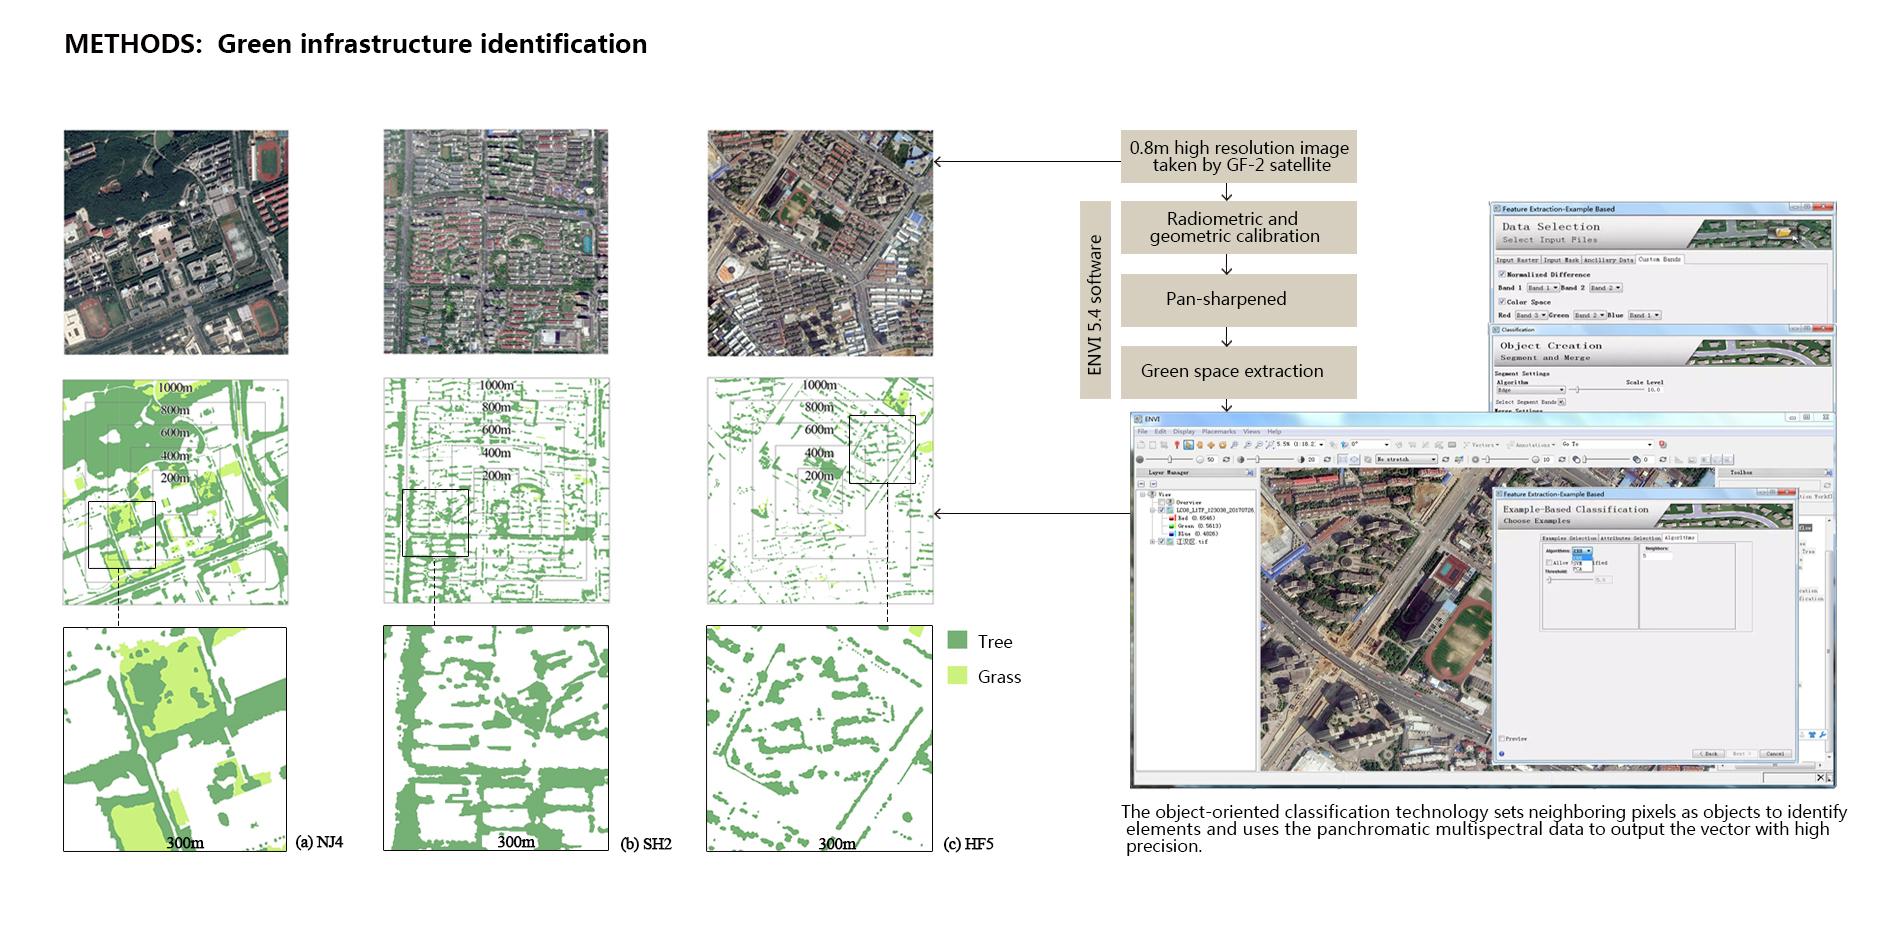 Methods: Green infrastructure identification